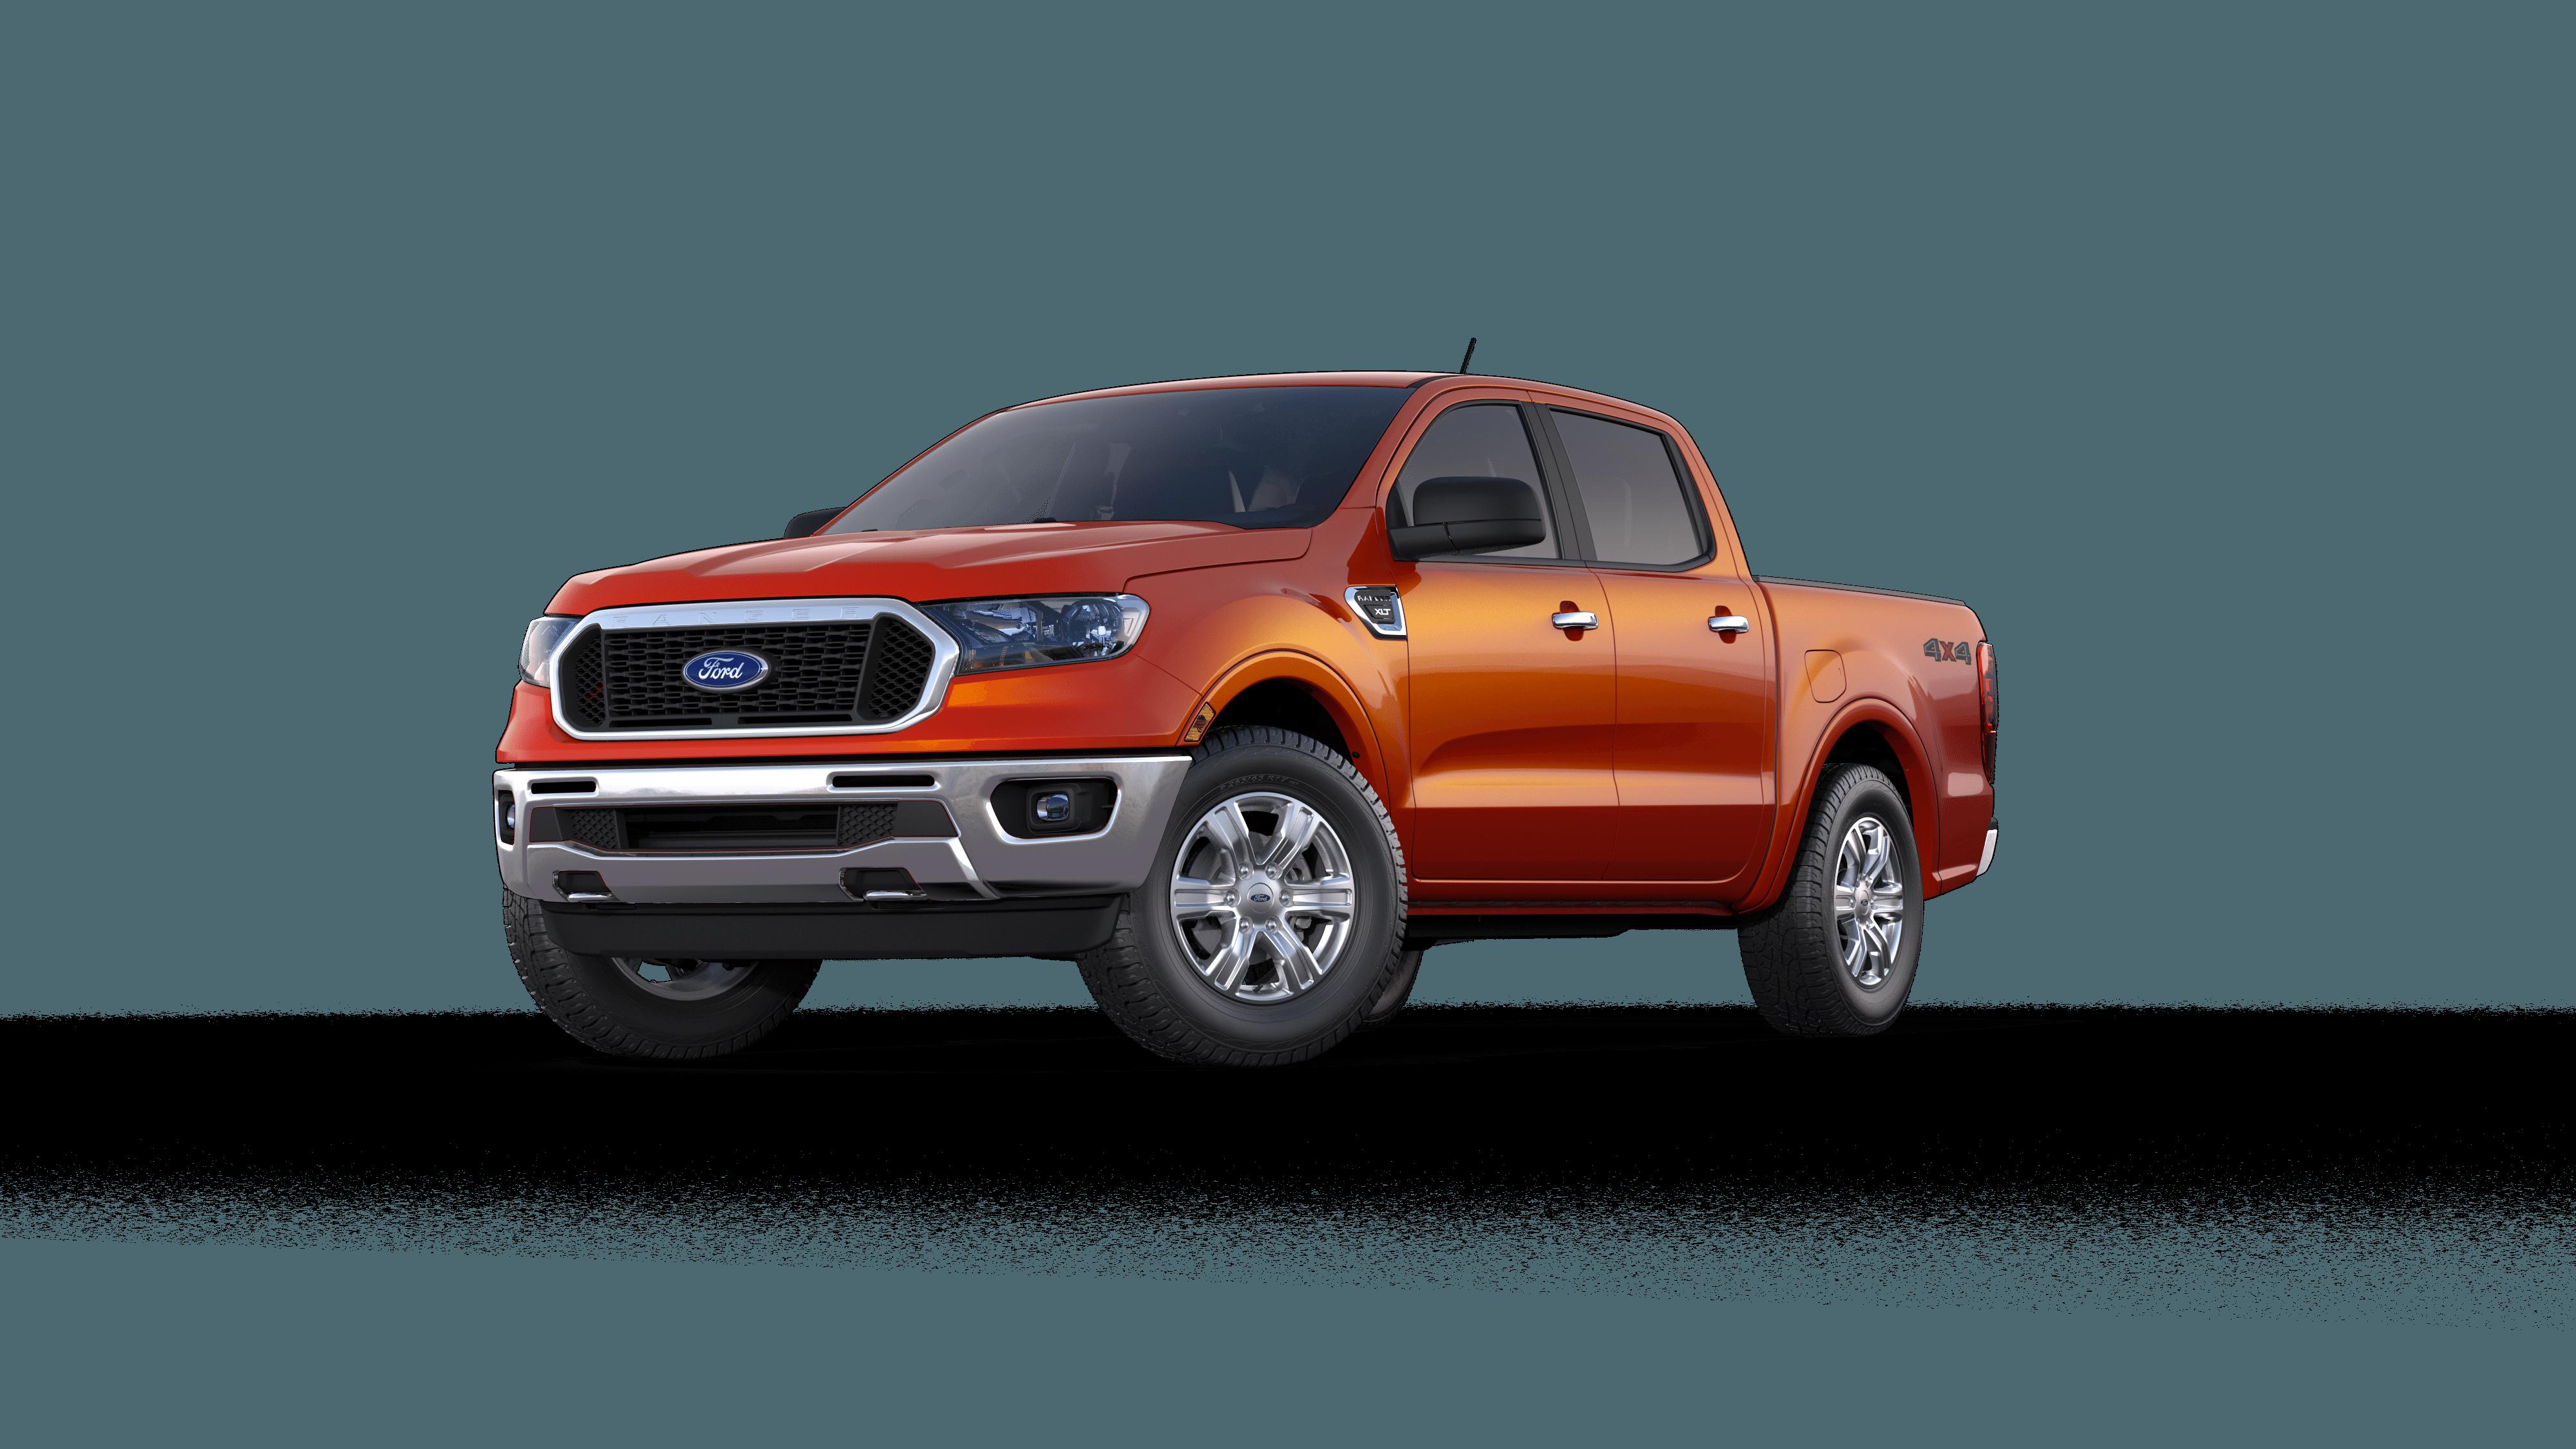 2019 Ford Ranger for sale in Marshall - 1FTER4FH1KLA15141 - Boshears